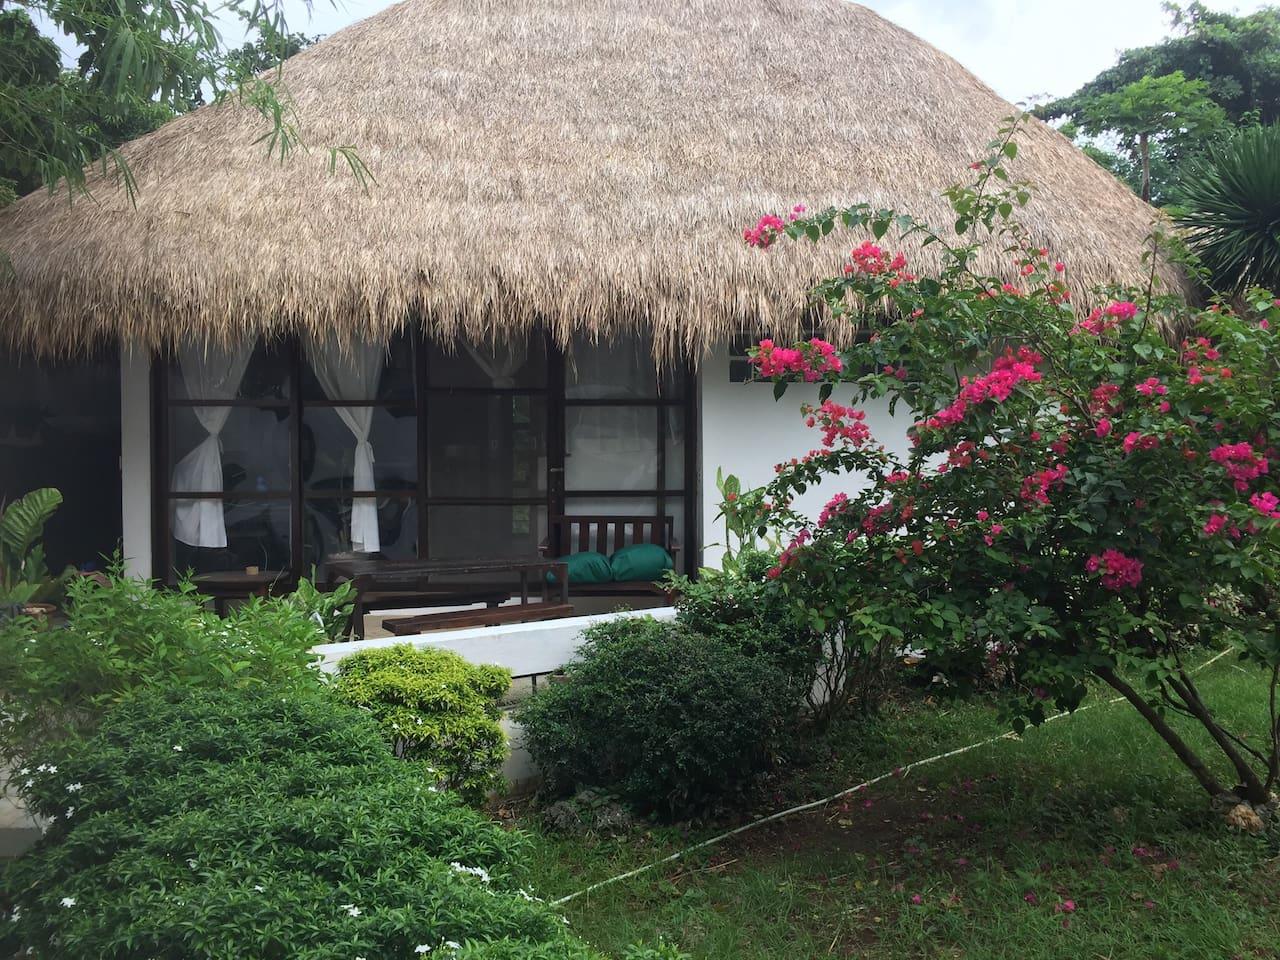 Airi Villa The Prettiest Garden Villa 7 Min From The Beach Villas For Rent